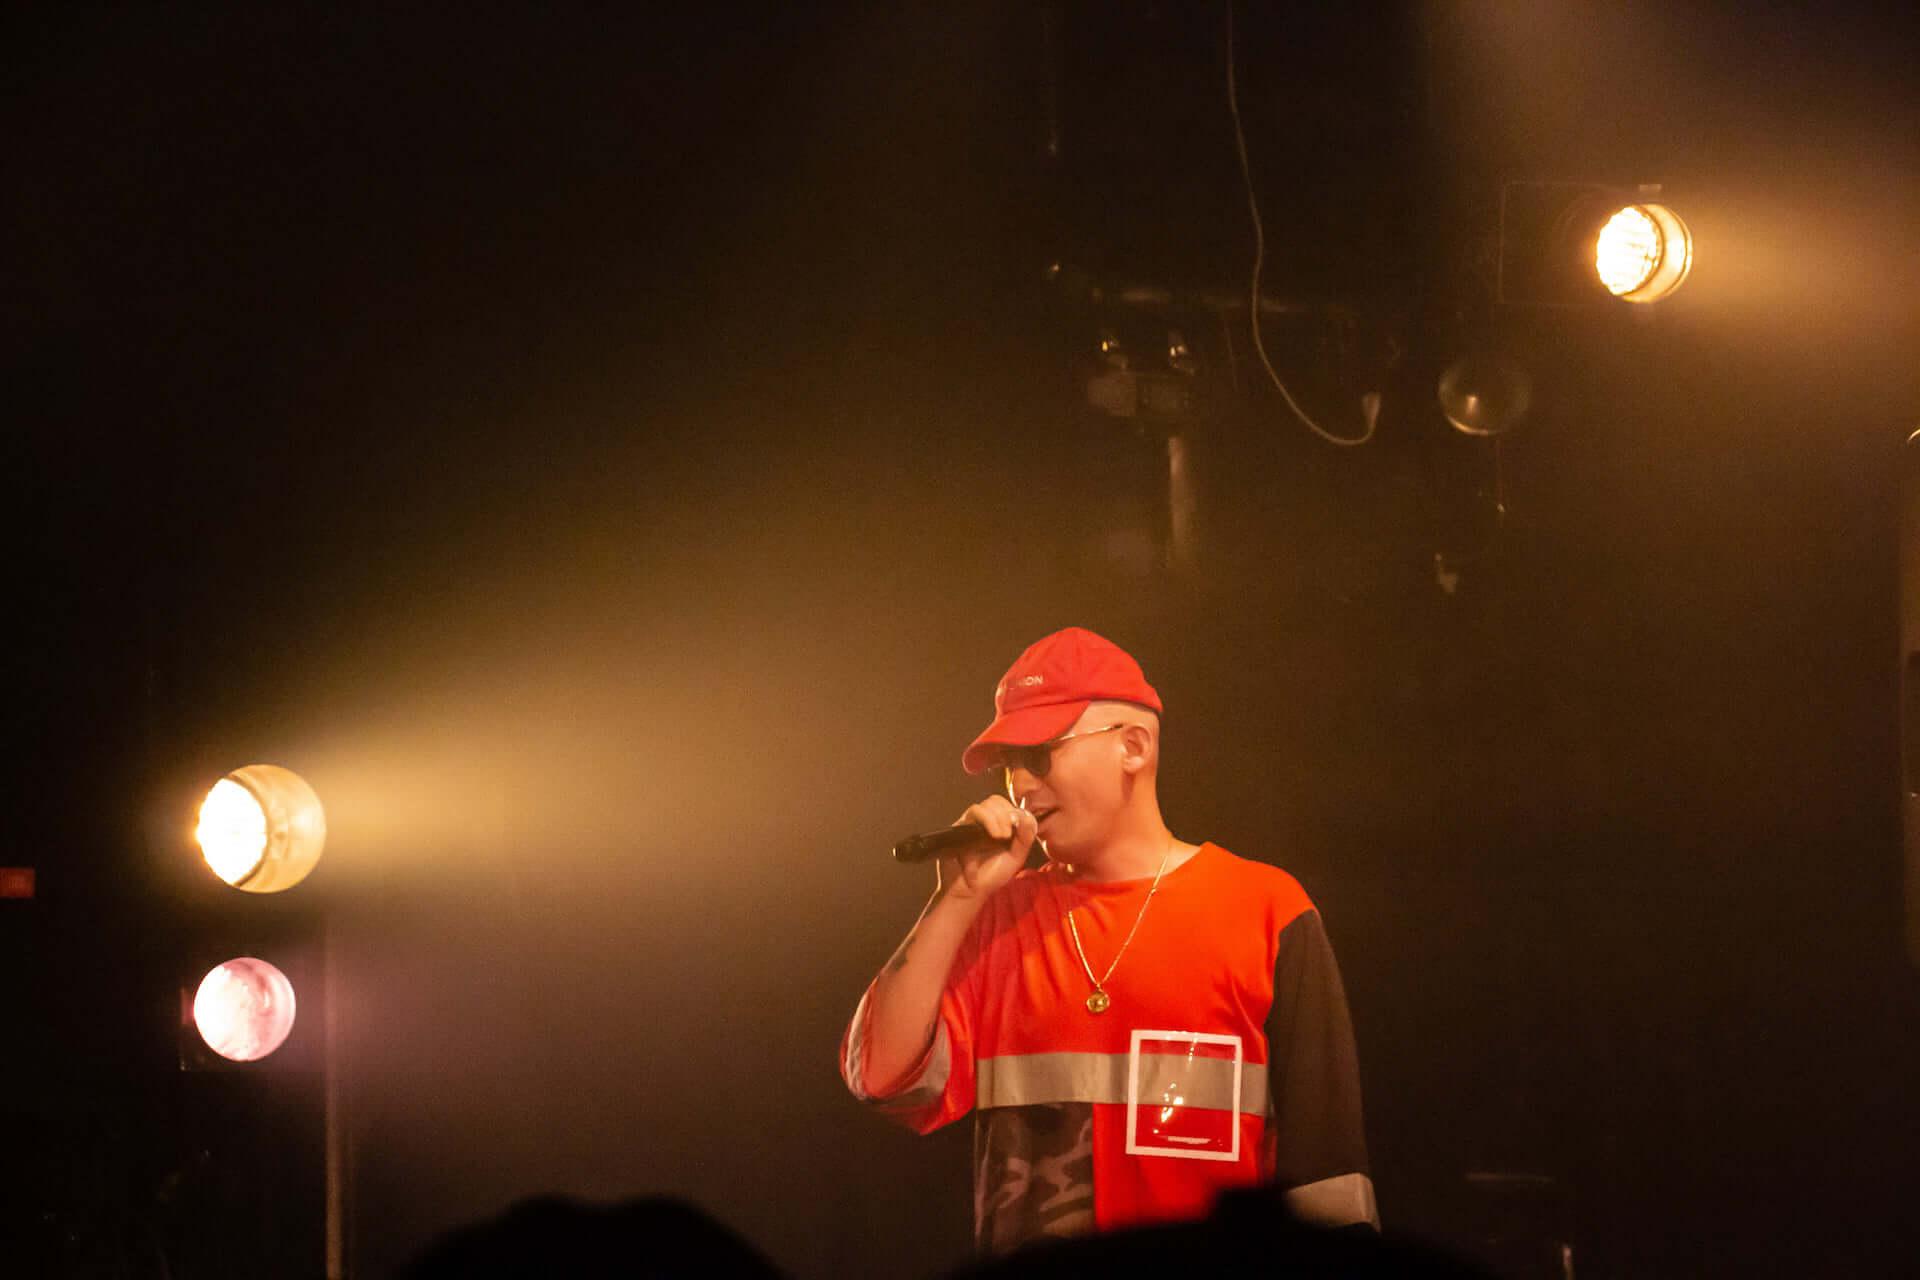 【レポート】BUPPON&¥ellow Bucksダブルリリースパーティー<Bla9 Marke2>で見えたヒップホップ・シーンの胎動 music190805_bla9marke2_5.jpg-1920x1280